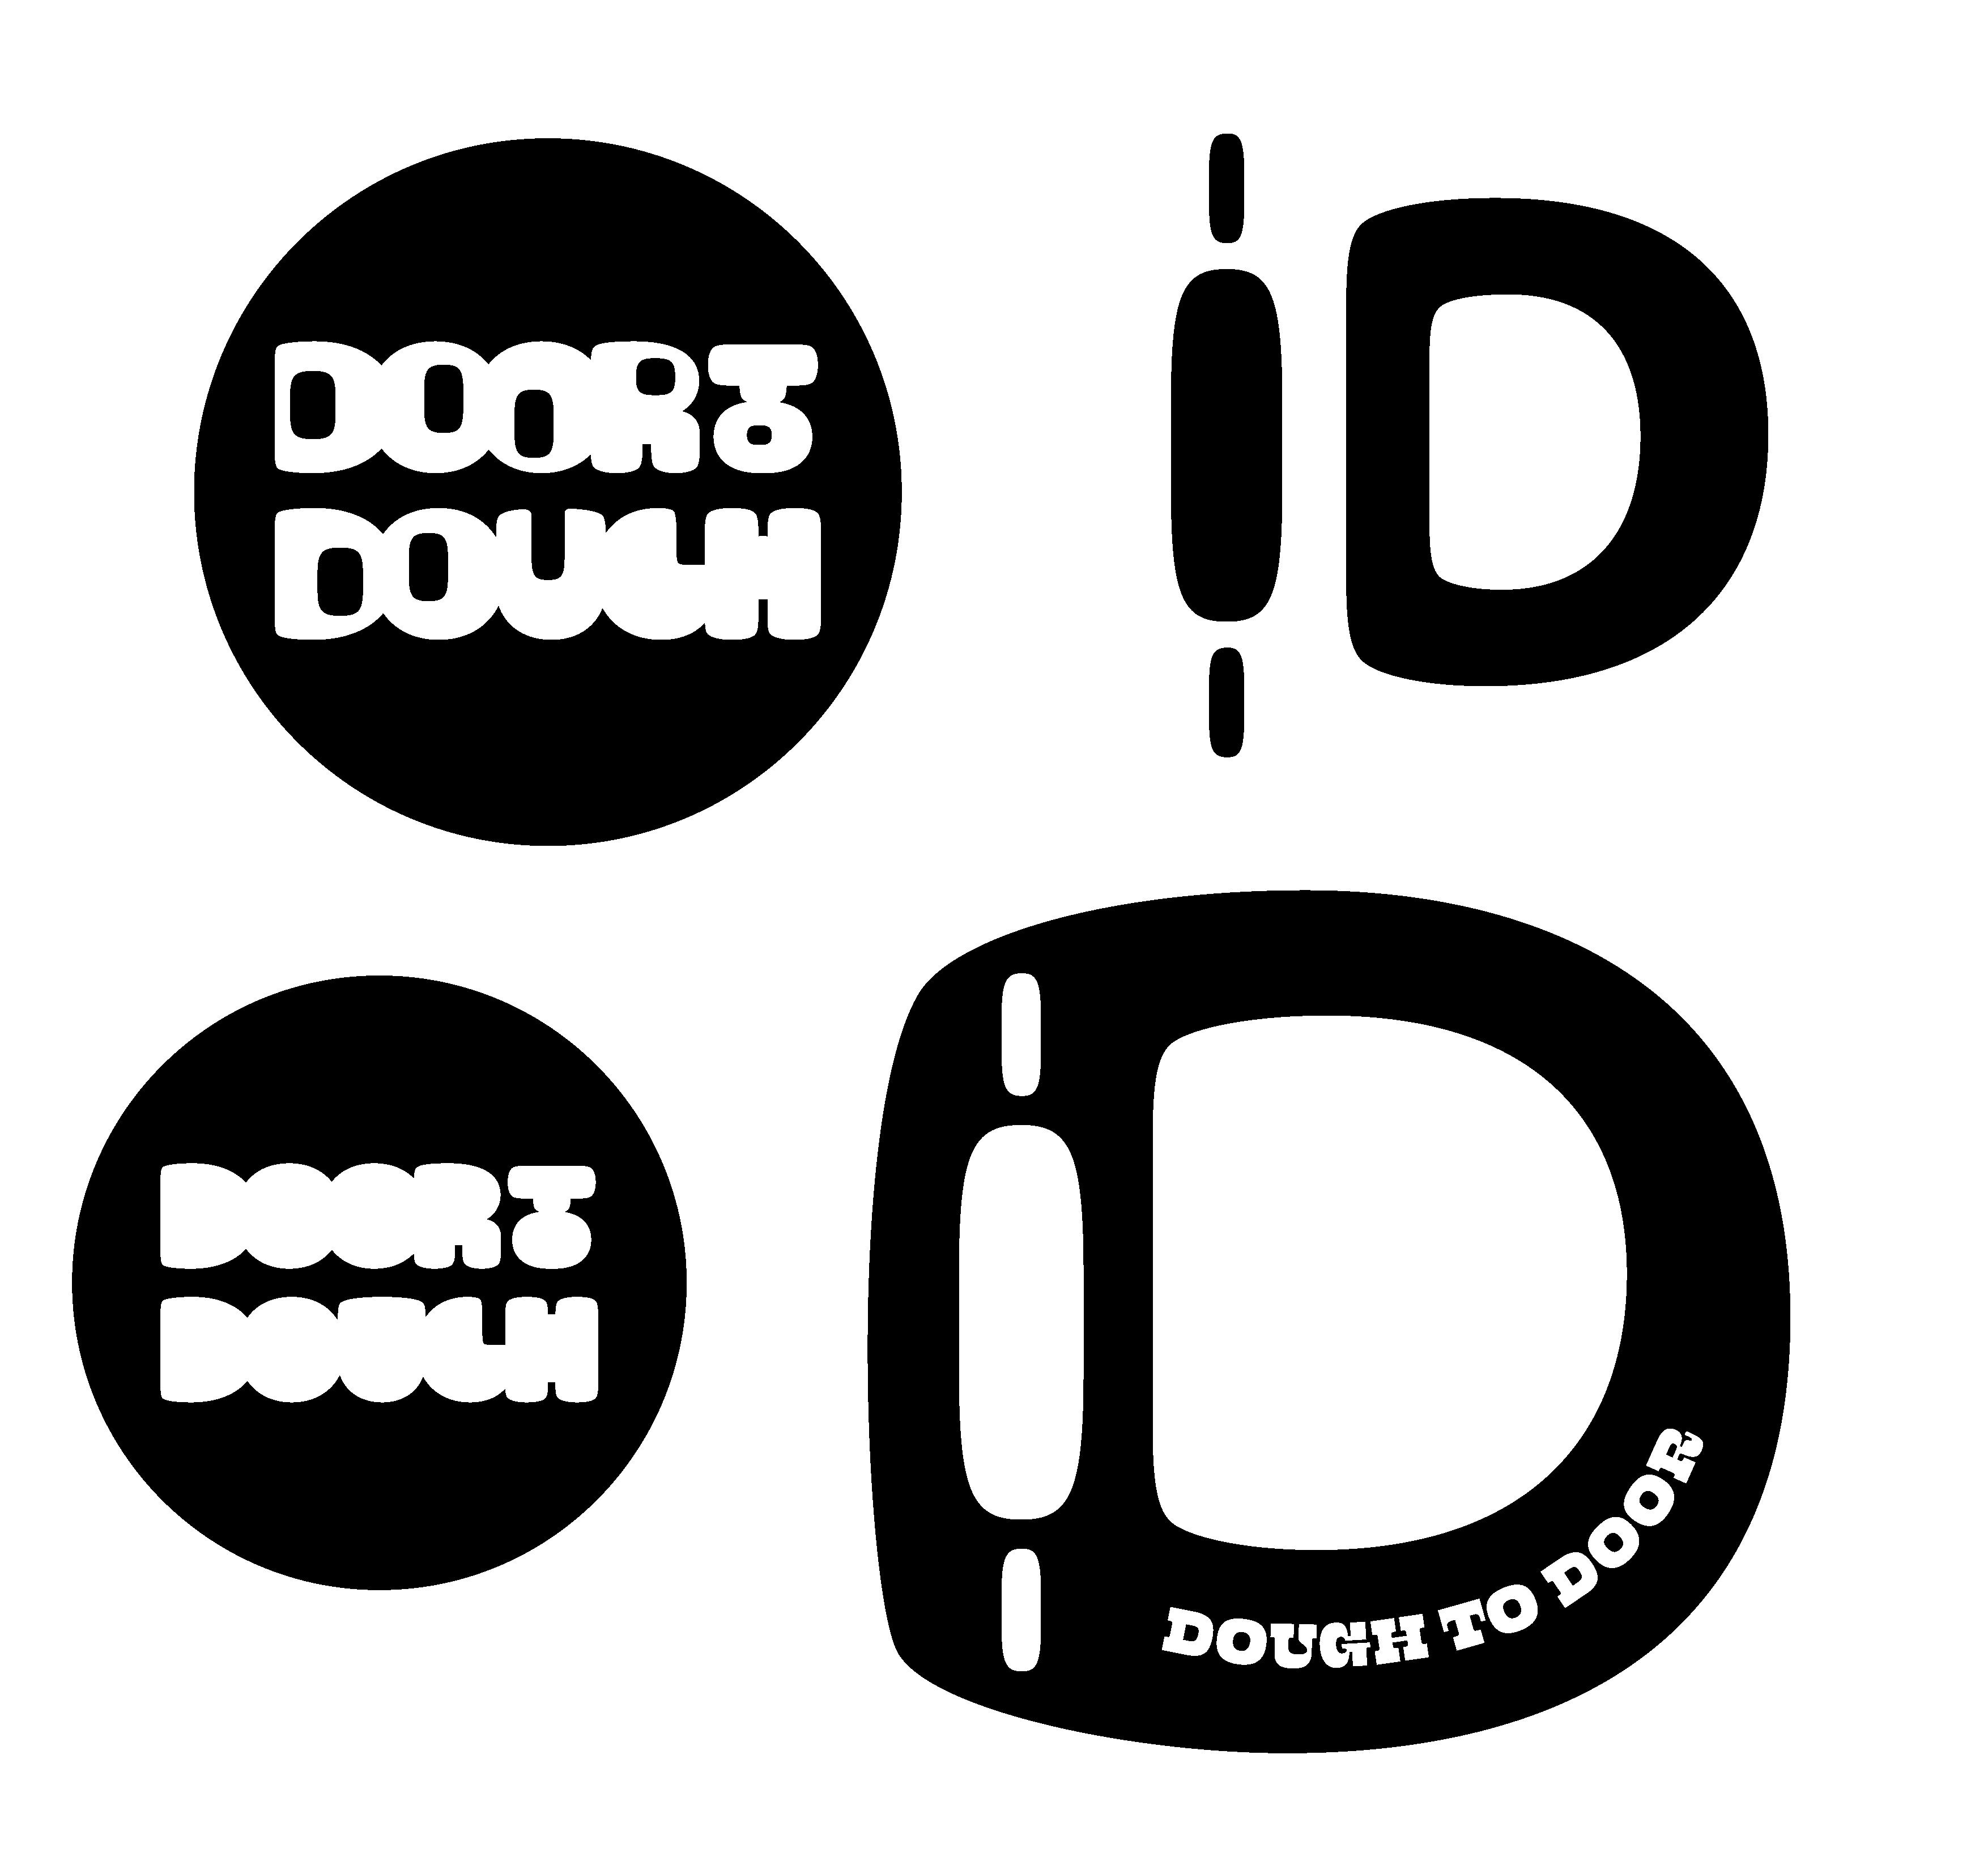 DTD_LogoLockup-06